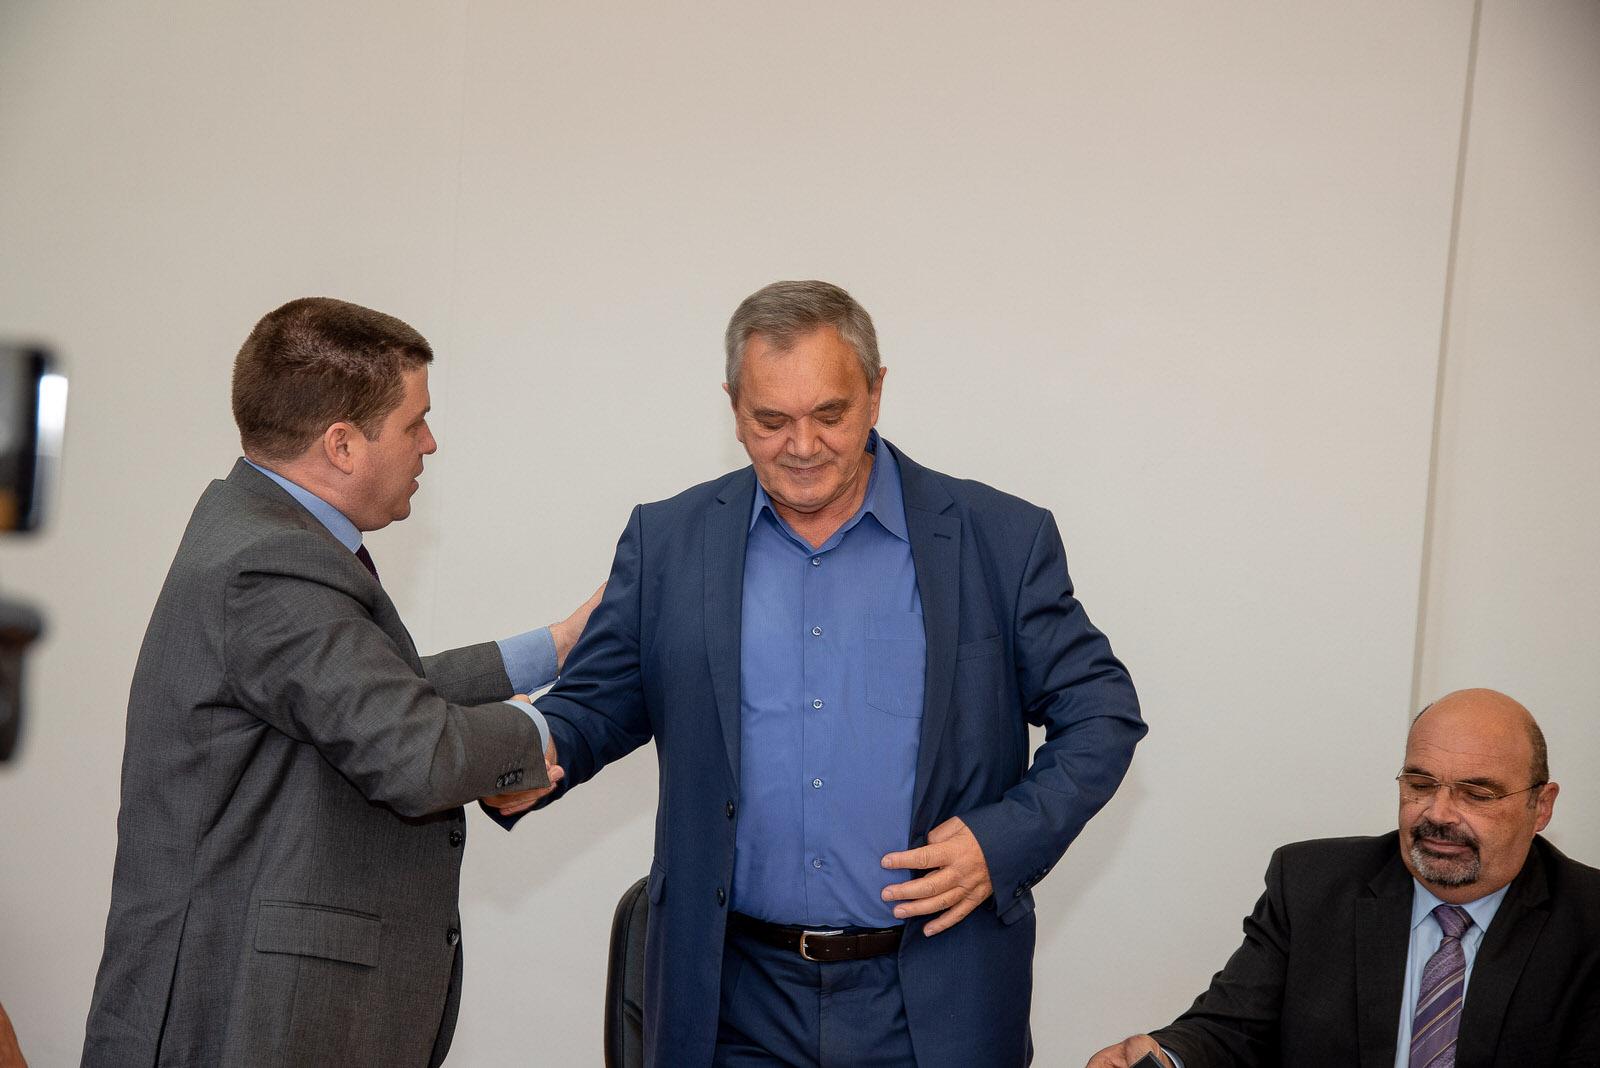 likaclub_svečanosti potpisivanja ugovora i sporazuma_lsž_28-2-2020 (36)